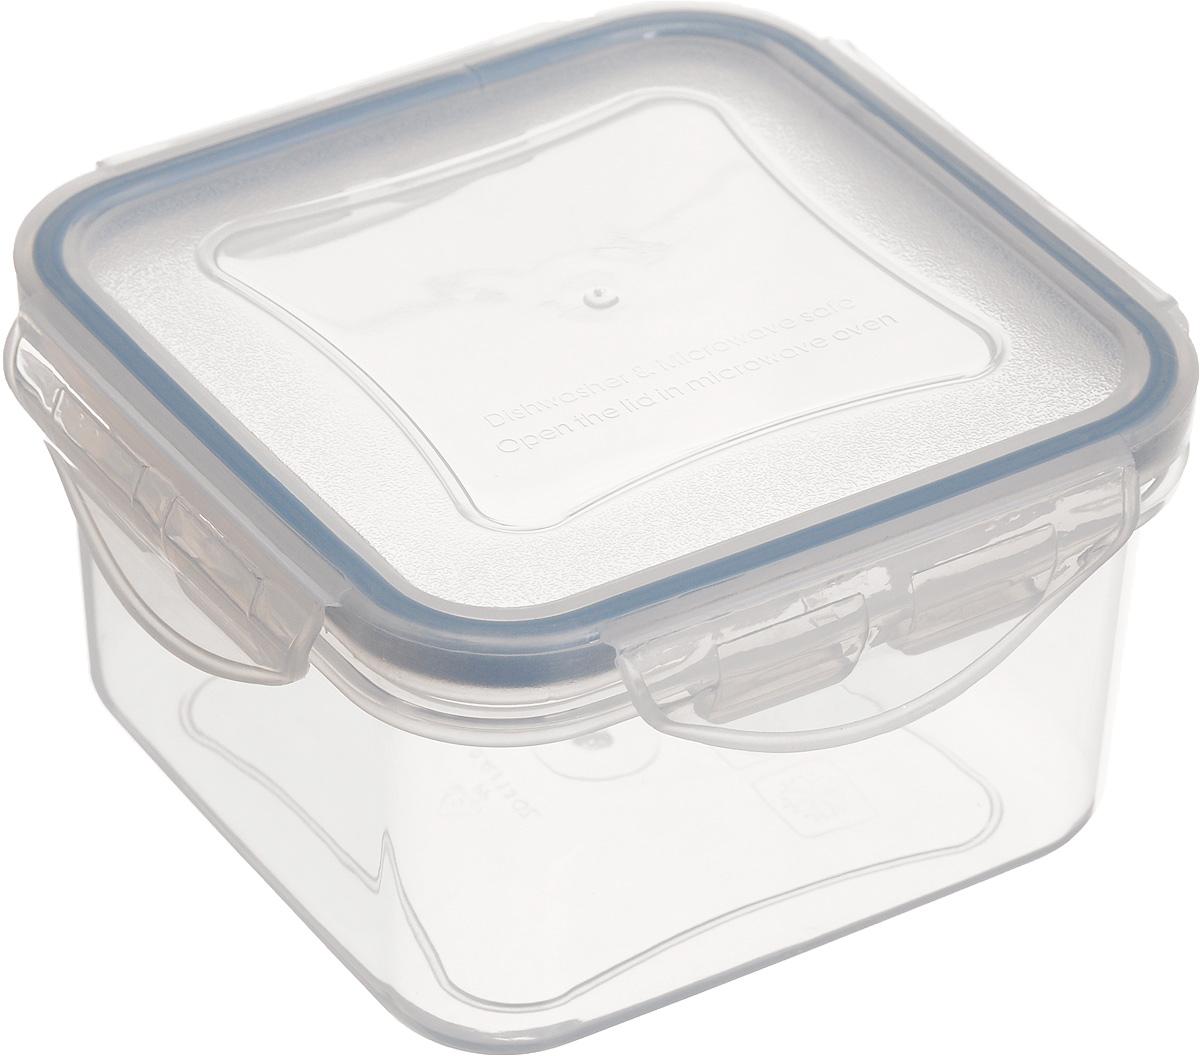 Контейнер Tescoma Freshbox, квадратный, 400 мл892010Контейнер Tescoma Freshbox замечателен для хранения и переноски продуктов. Выполнен из высокопрочной жаростойкой пластмассы, которая выдерживает температуру от -18°С до +110°С. Контейнер снабжен воздухонепроницаемой и водонепроницаемой крышкой с силиконовой прокладкой, которая гарантирует герметичность. Продукты дольше сохраняют свежесть и аромат, а жидкие блюда не вытекают. Контейнер пригоден для использования в холодильнике, морозильной камере и микроволновой печи. Допускается мытье в посудомоечной машине.